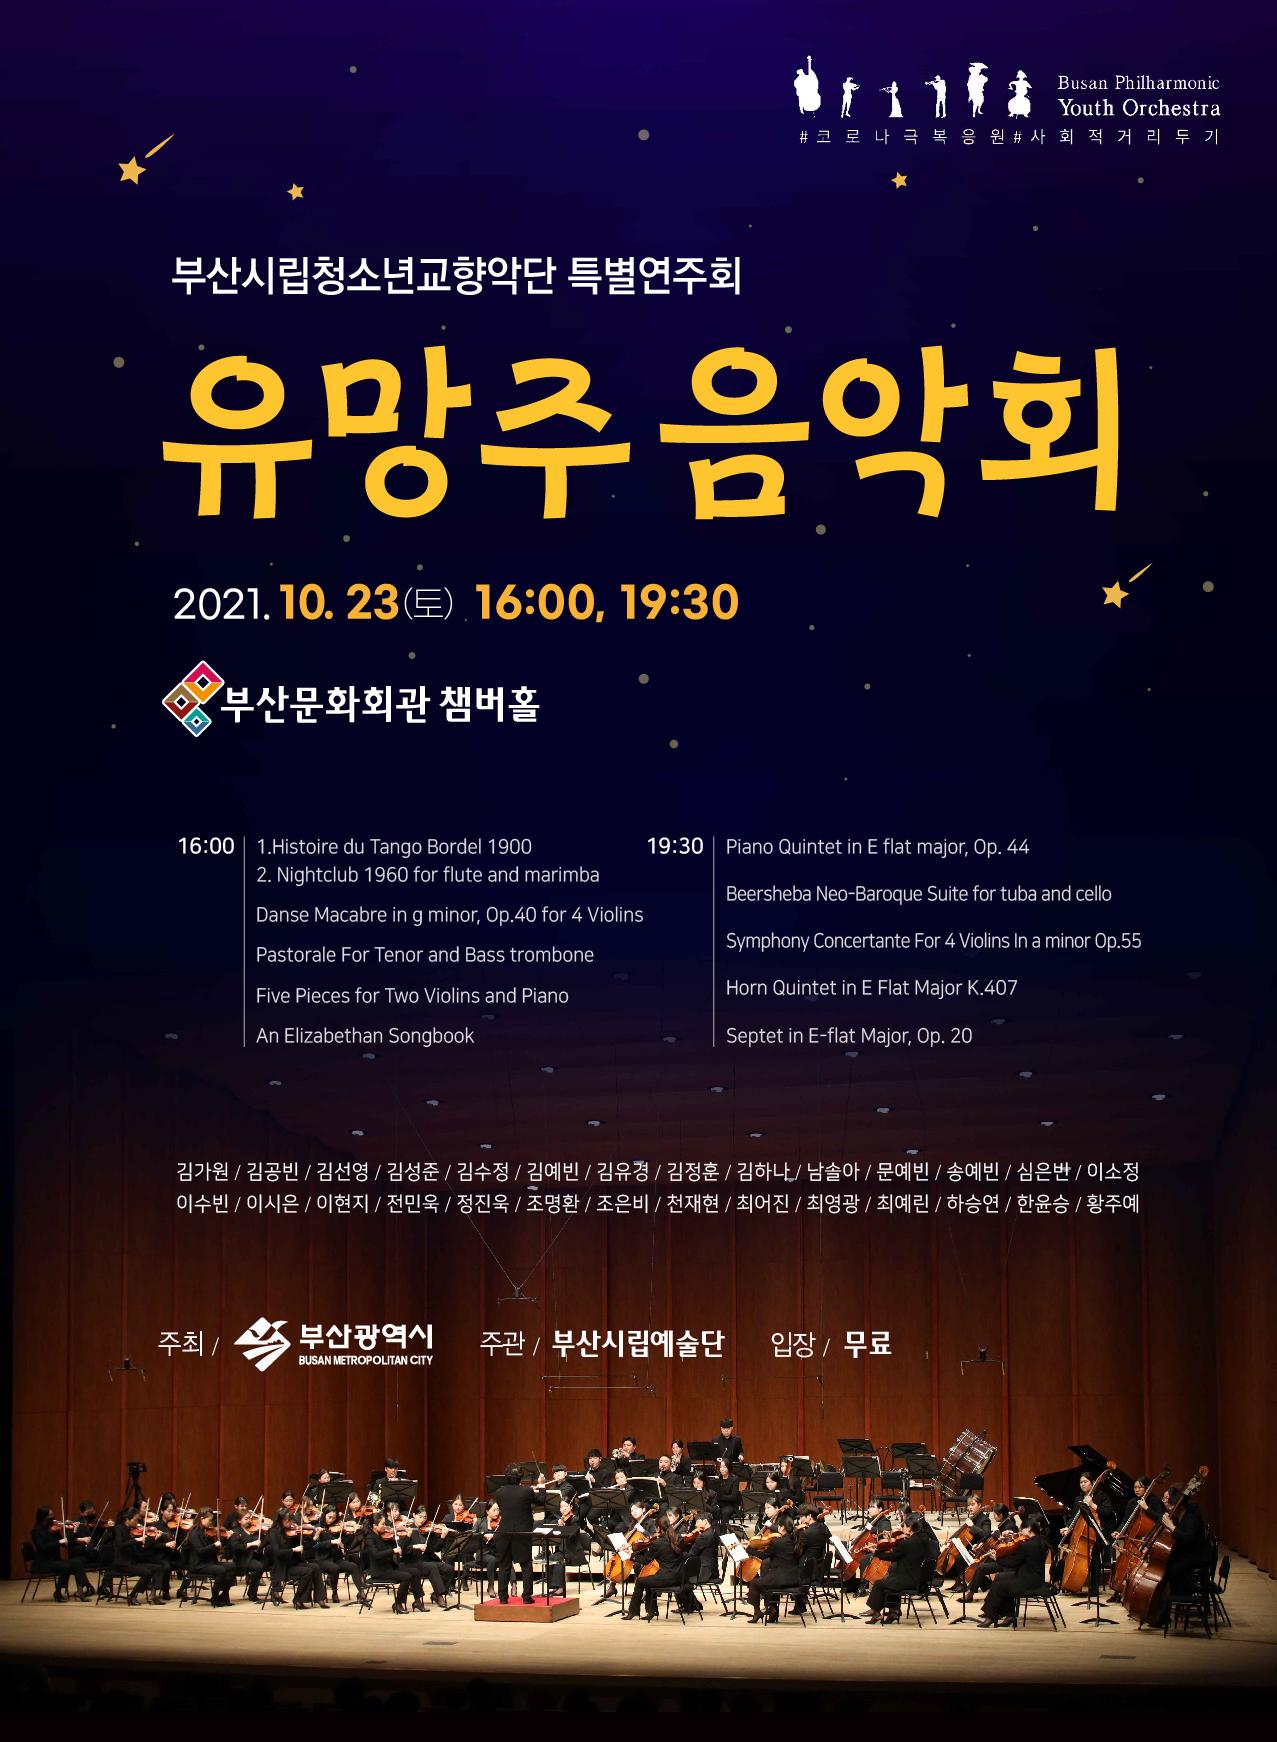 부산시립청소년교향악단 특별연주회